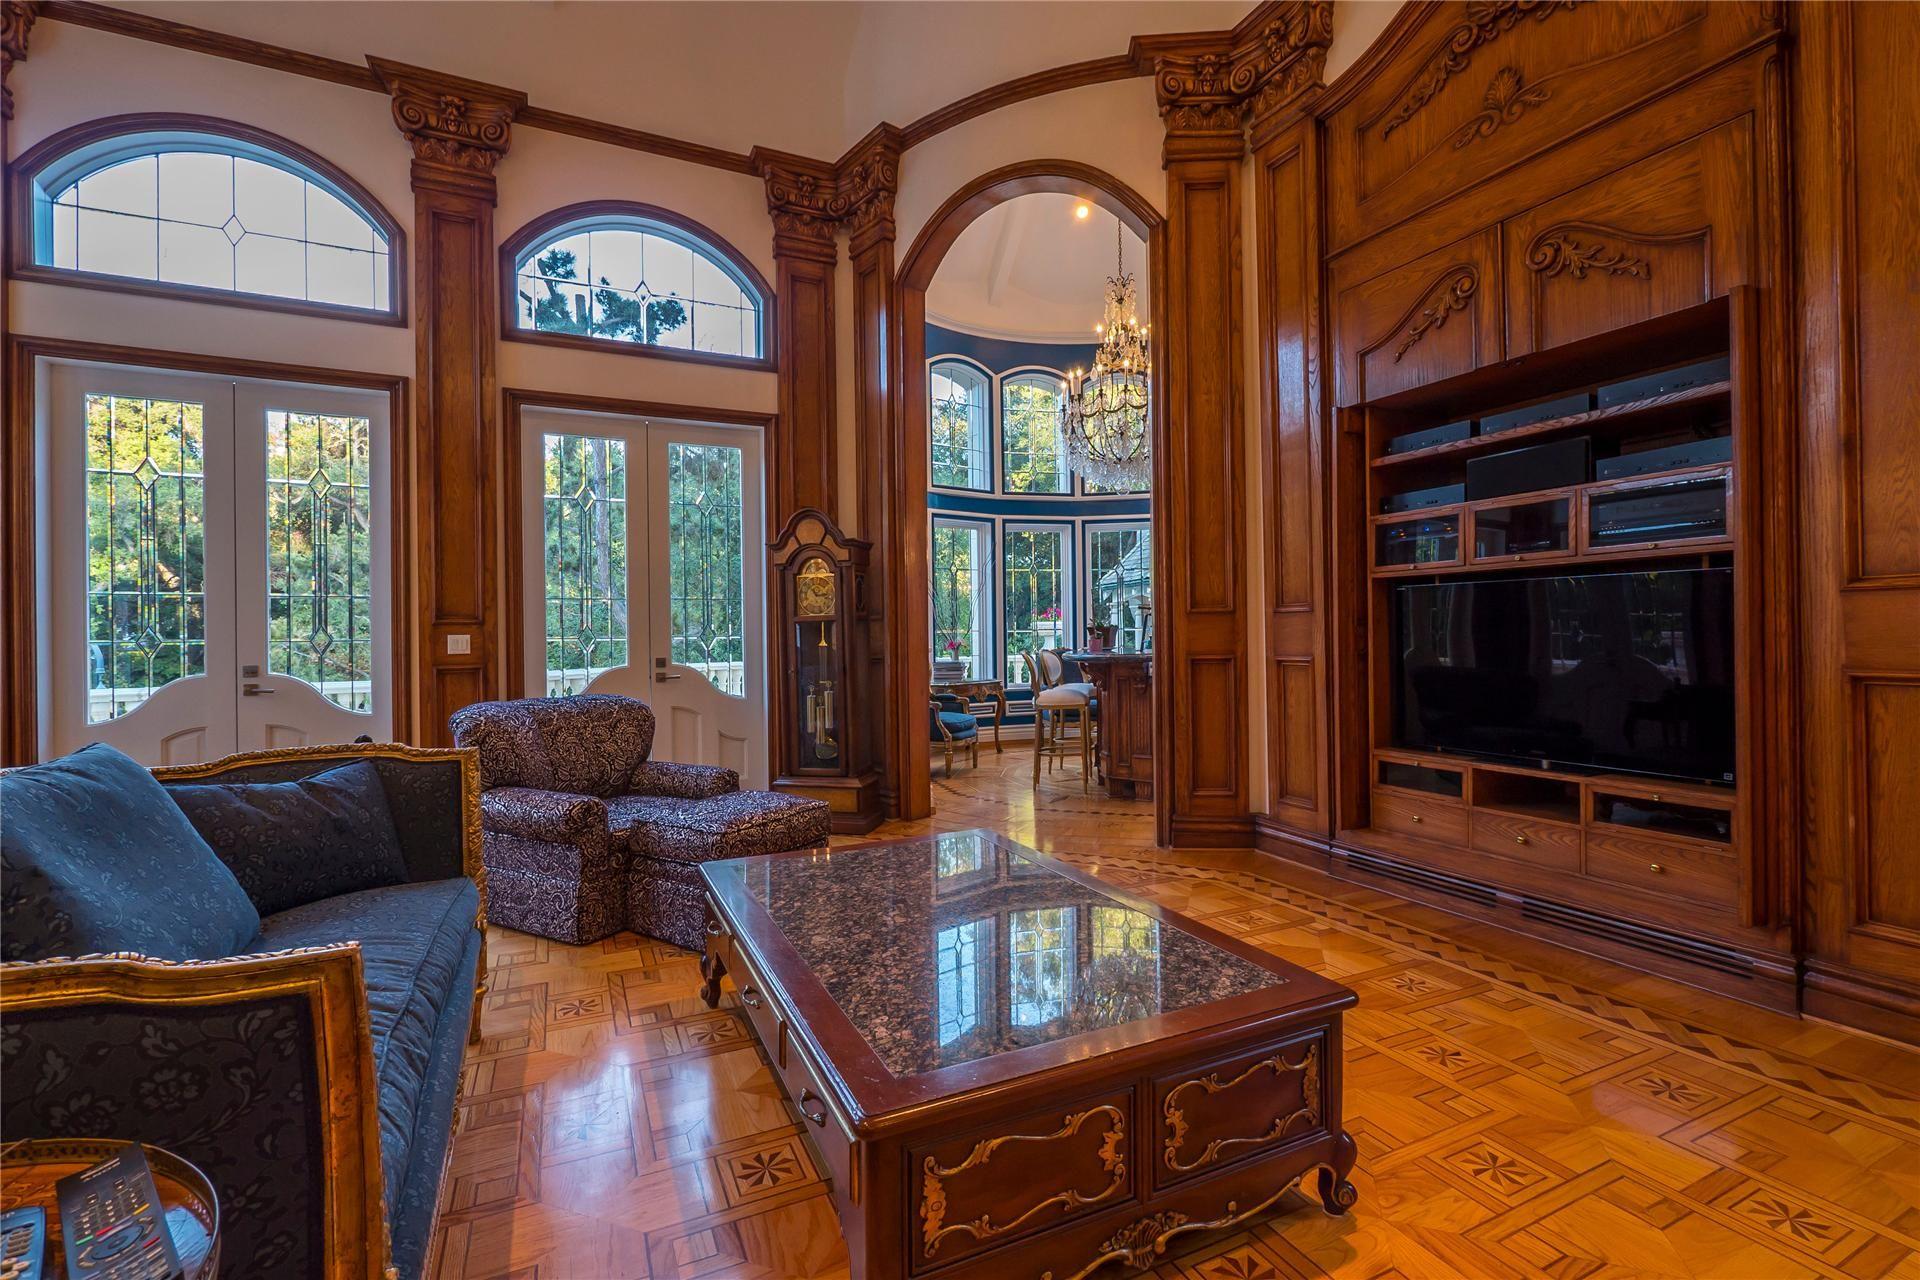 House for sale in 4158 COMMONWEALTH Avenue La Canada